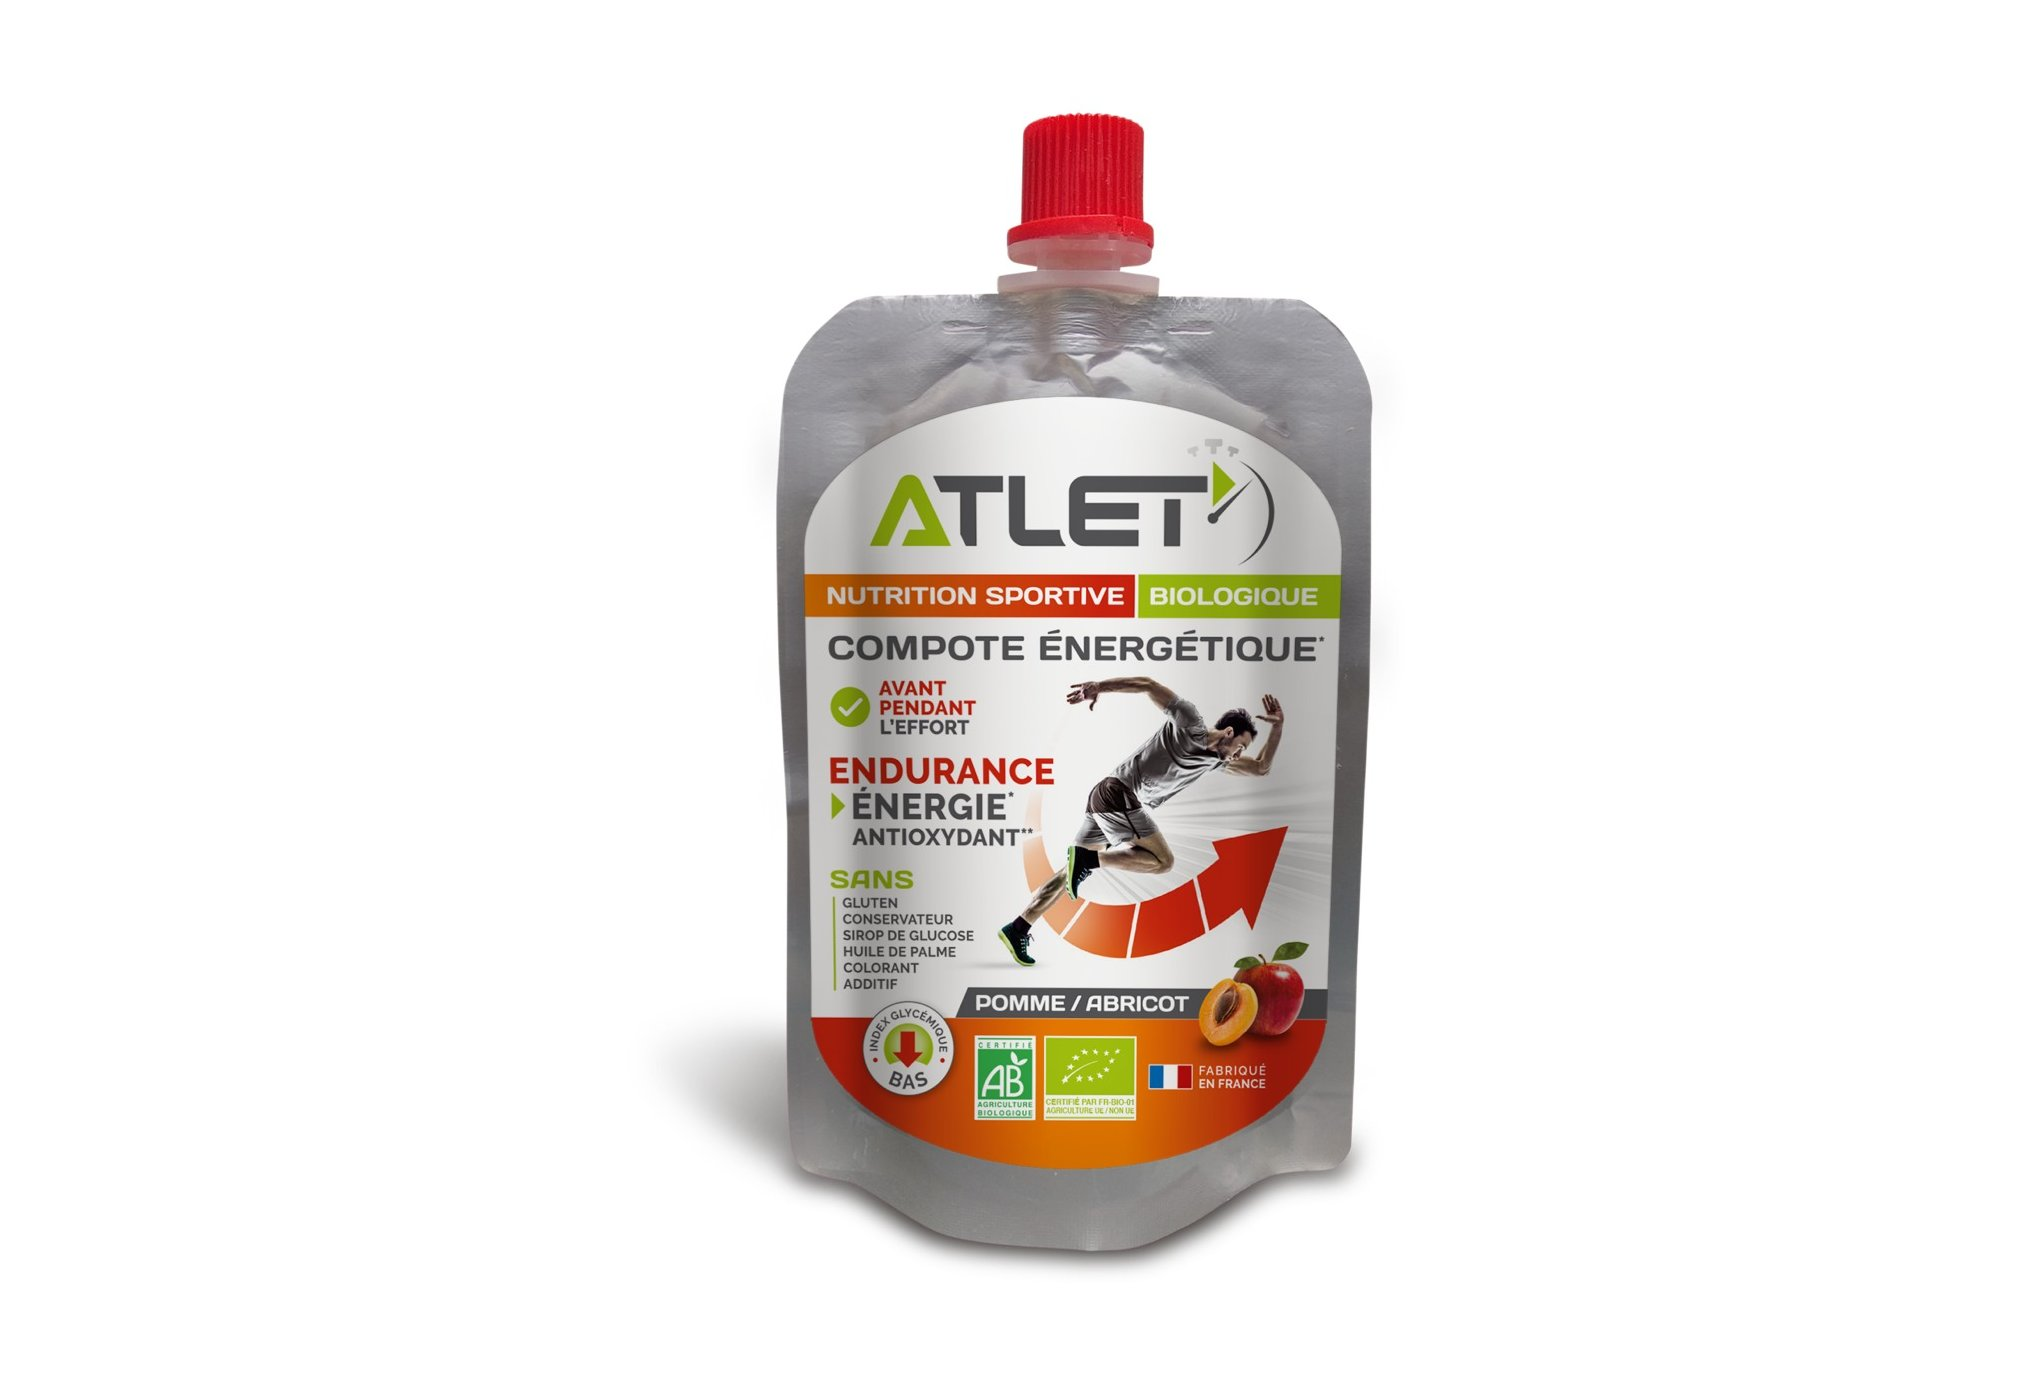 Atlet Compote Énergétique - Pomme/Abricot Diététique Gels